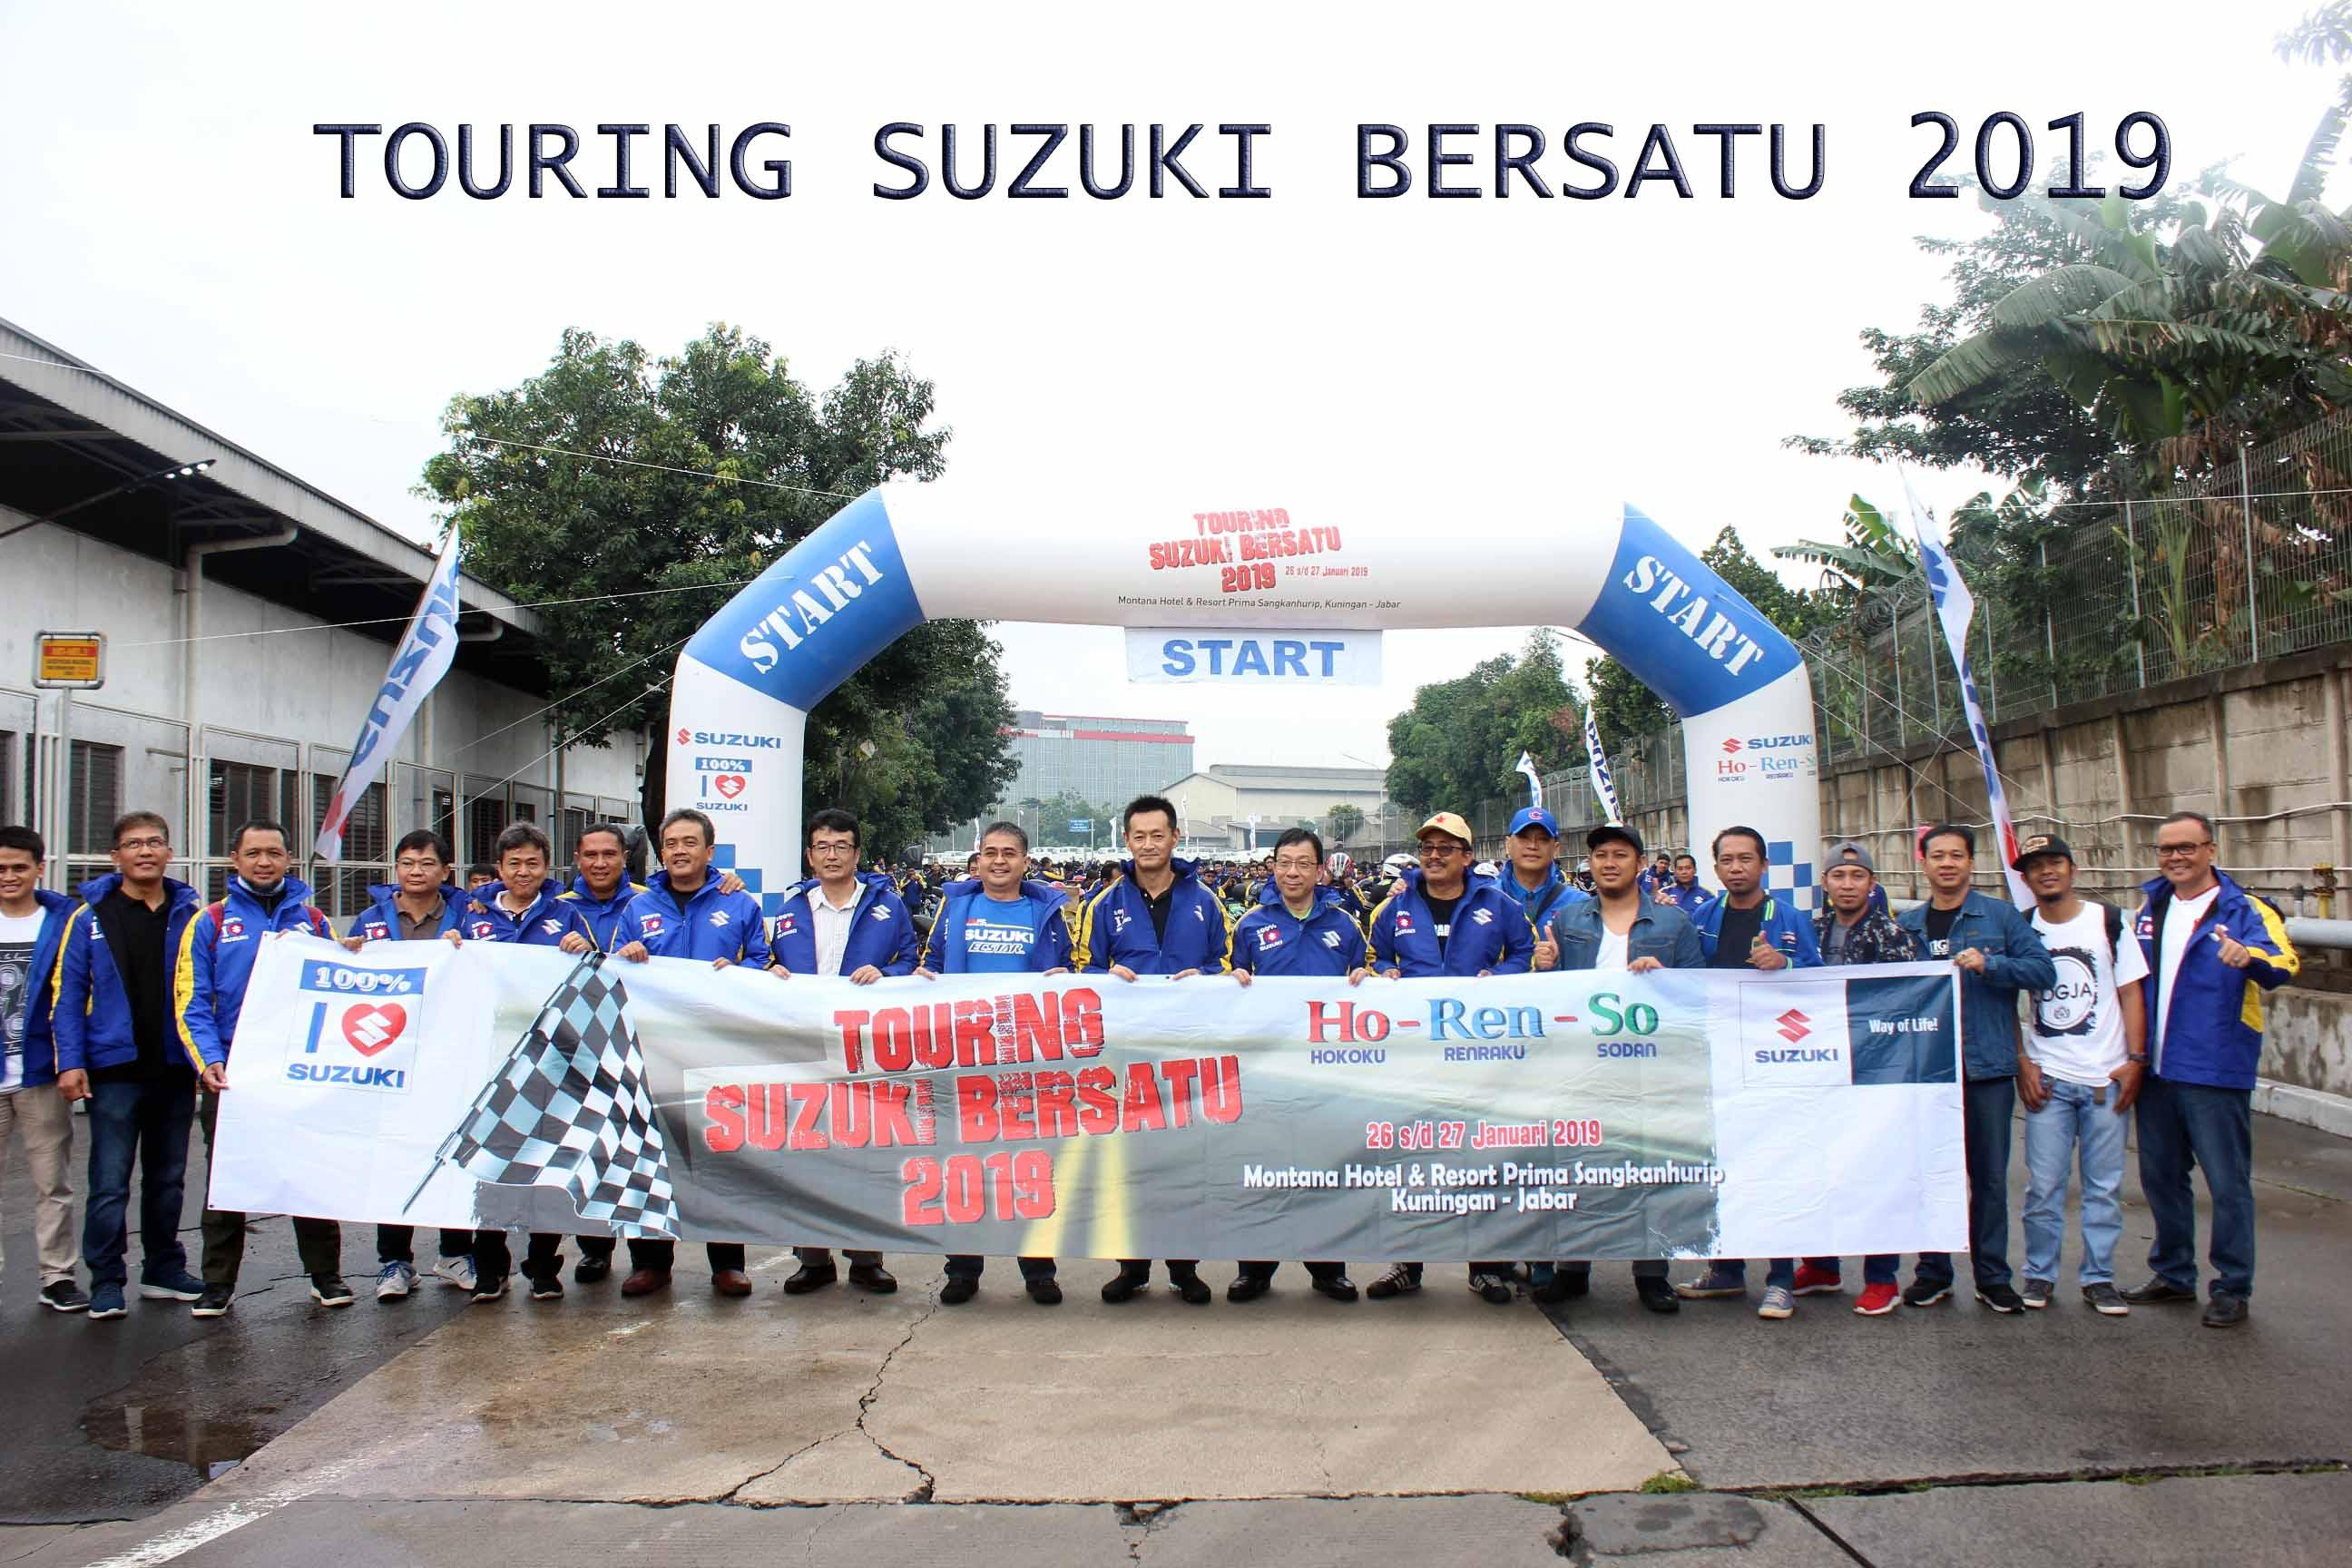 Touring Suzuki Bersatu 2019